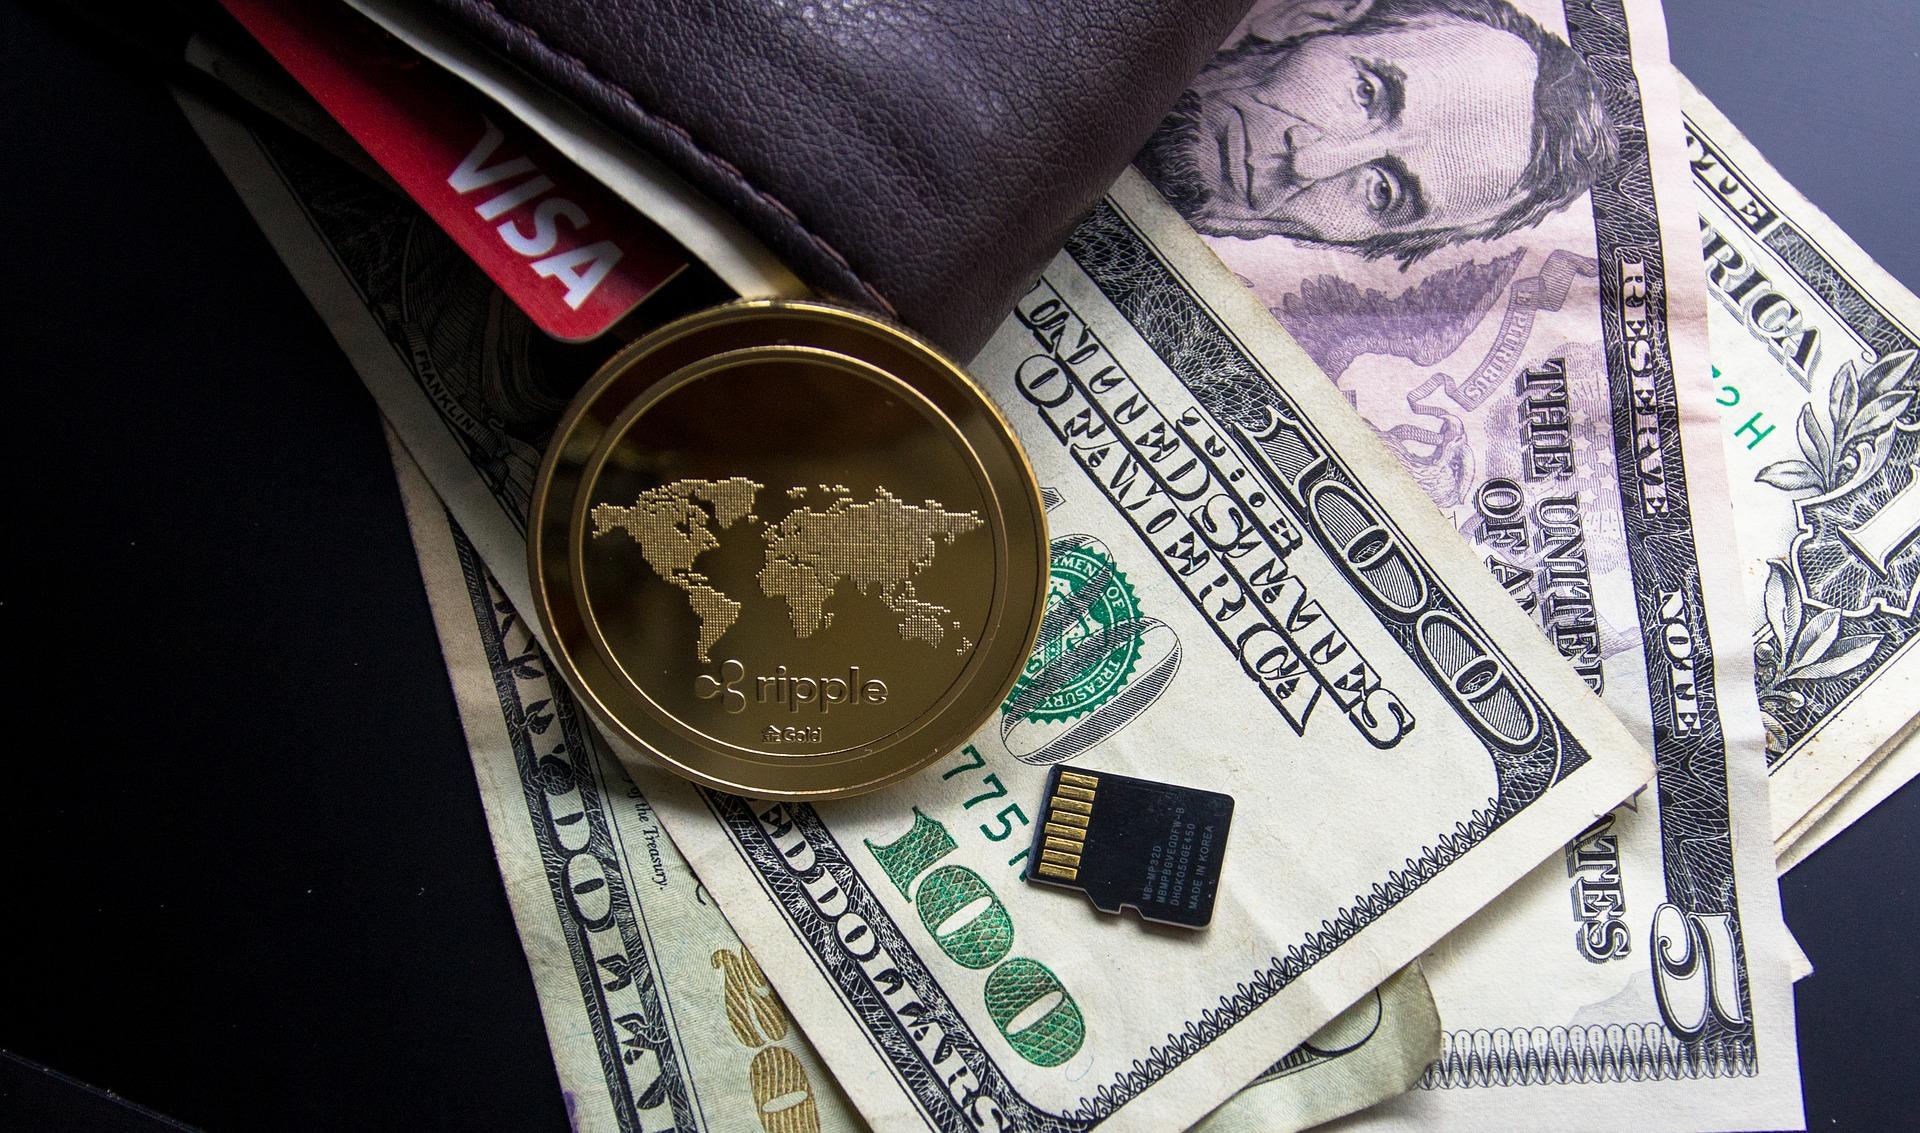 La Comisión y Bolsa de Valores de Estados Unidos presenta demanda contra Ripple por realizar una oferta de valores no registrada por 1.3 mil millones de dólares